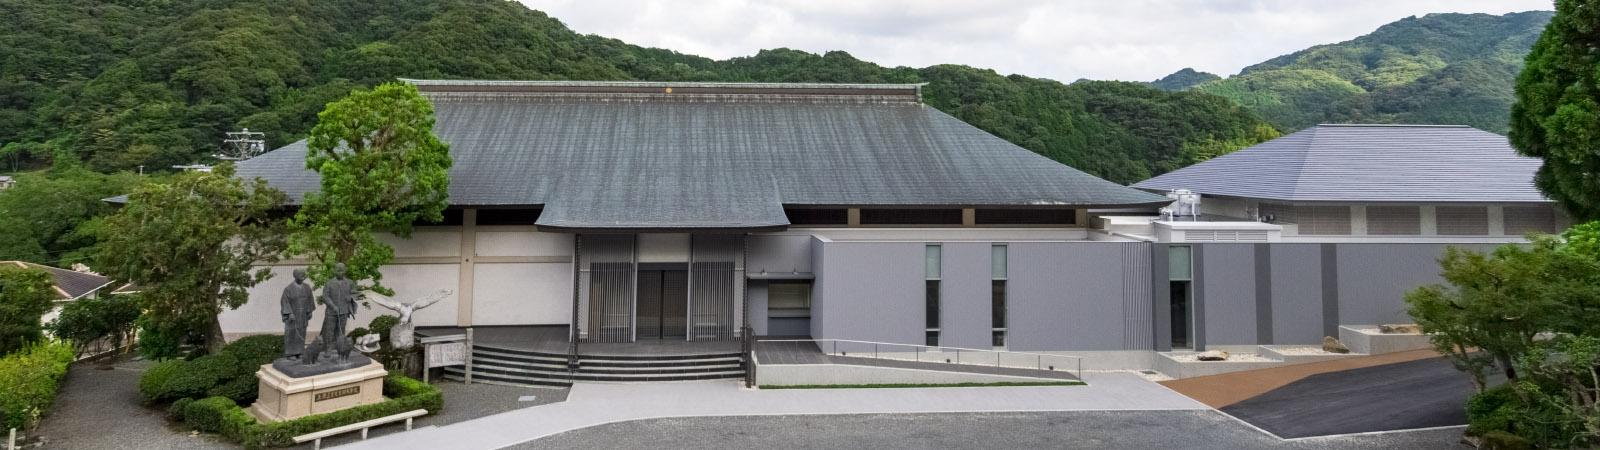 上原美術館仏教館